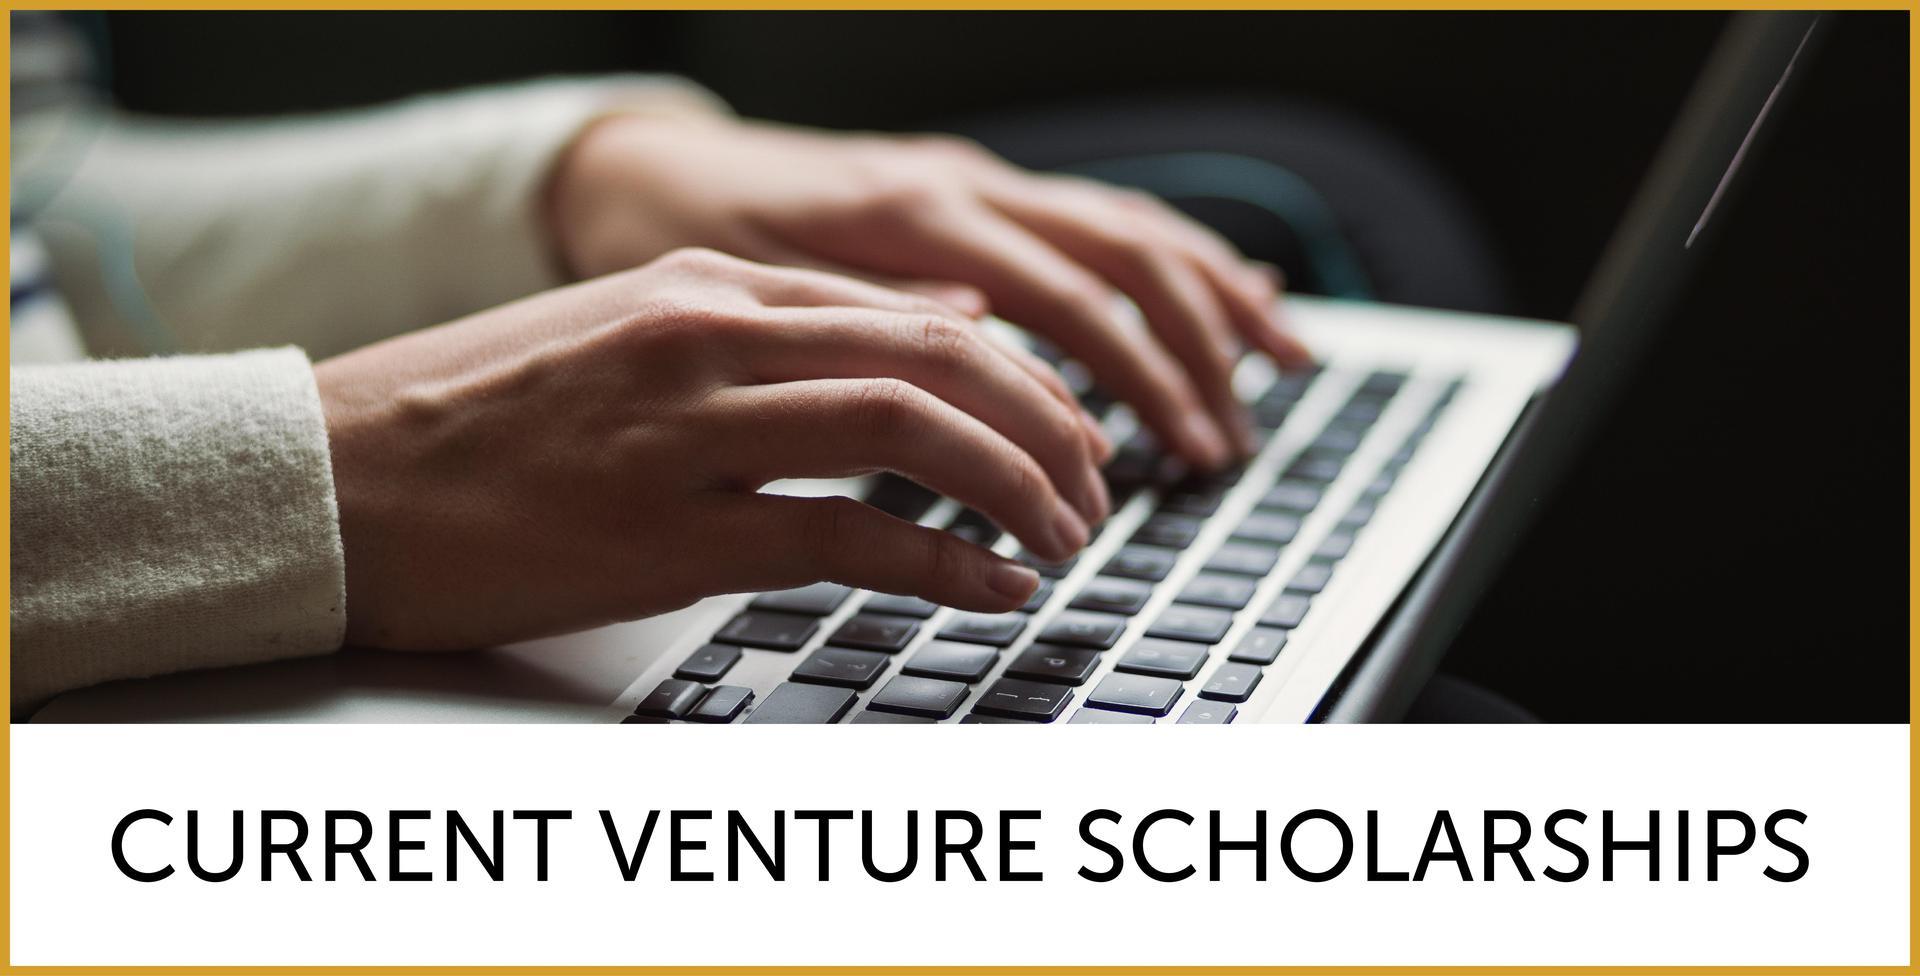 Current Venture Scholarships